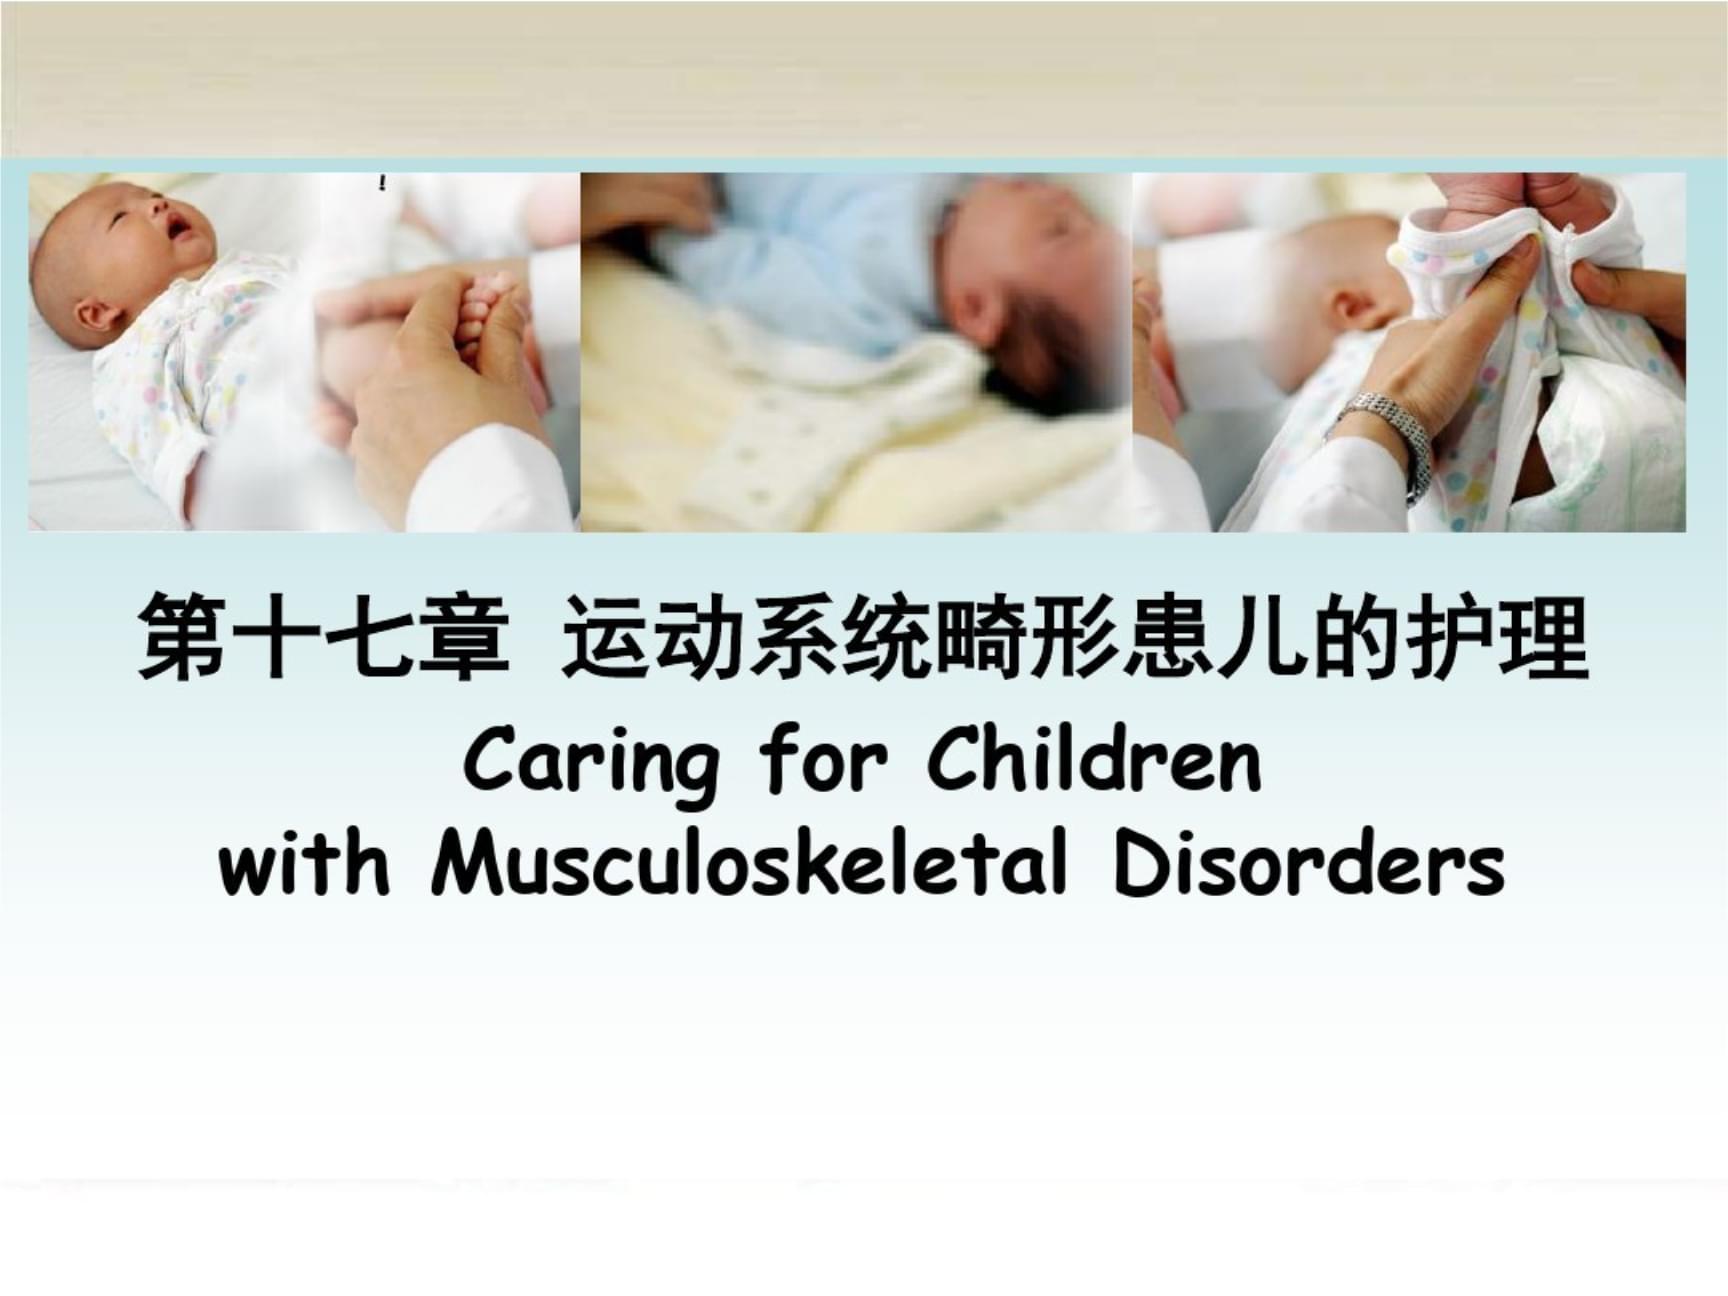 医疗健康--第五版儿科护理学第十七章__运动系统畸形患儿的护理.pptx